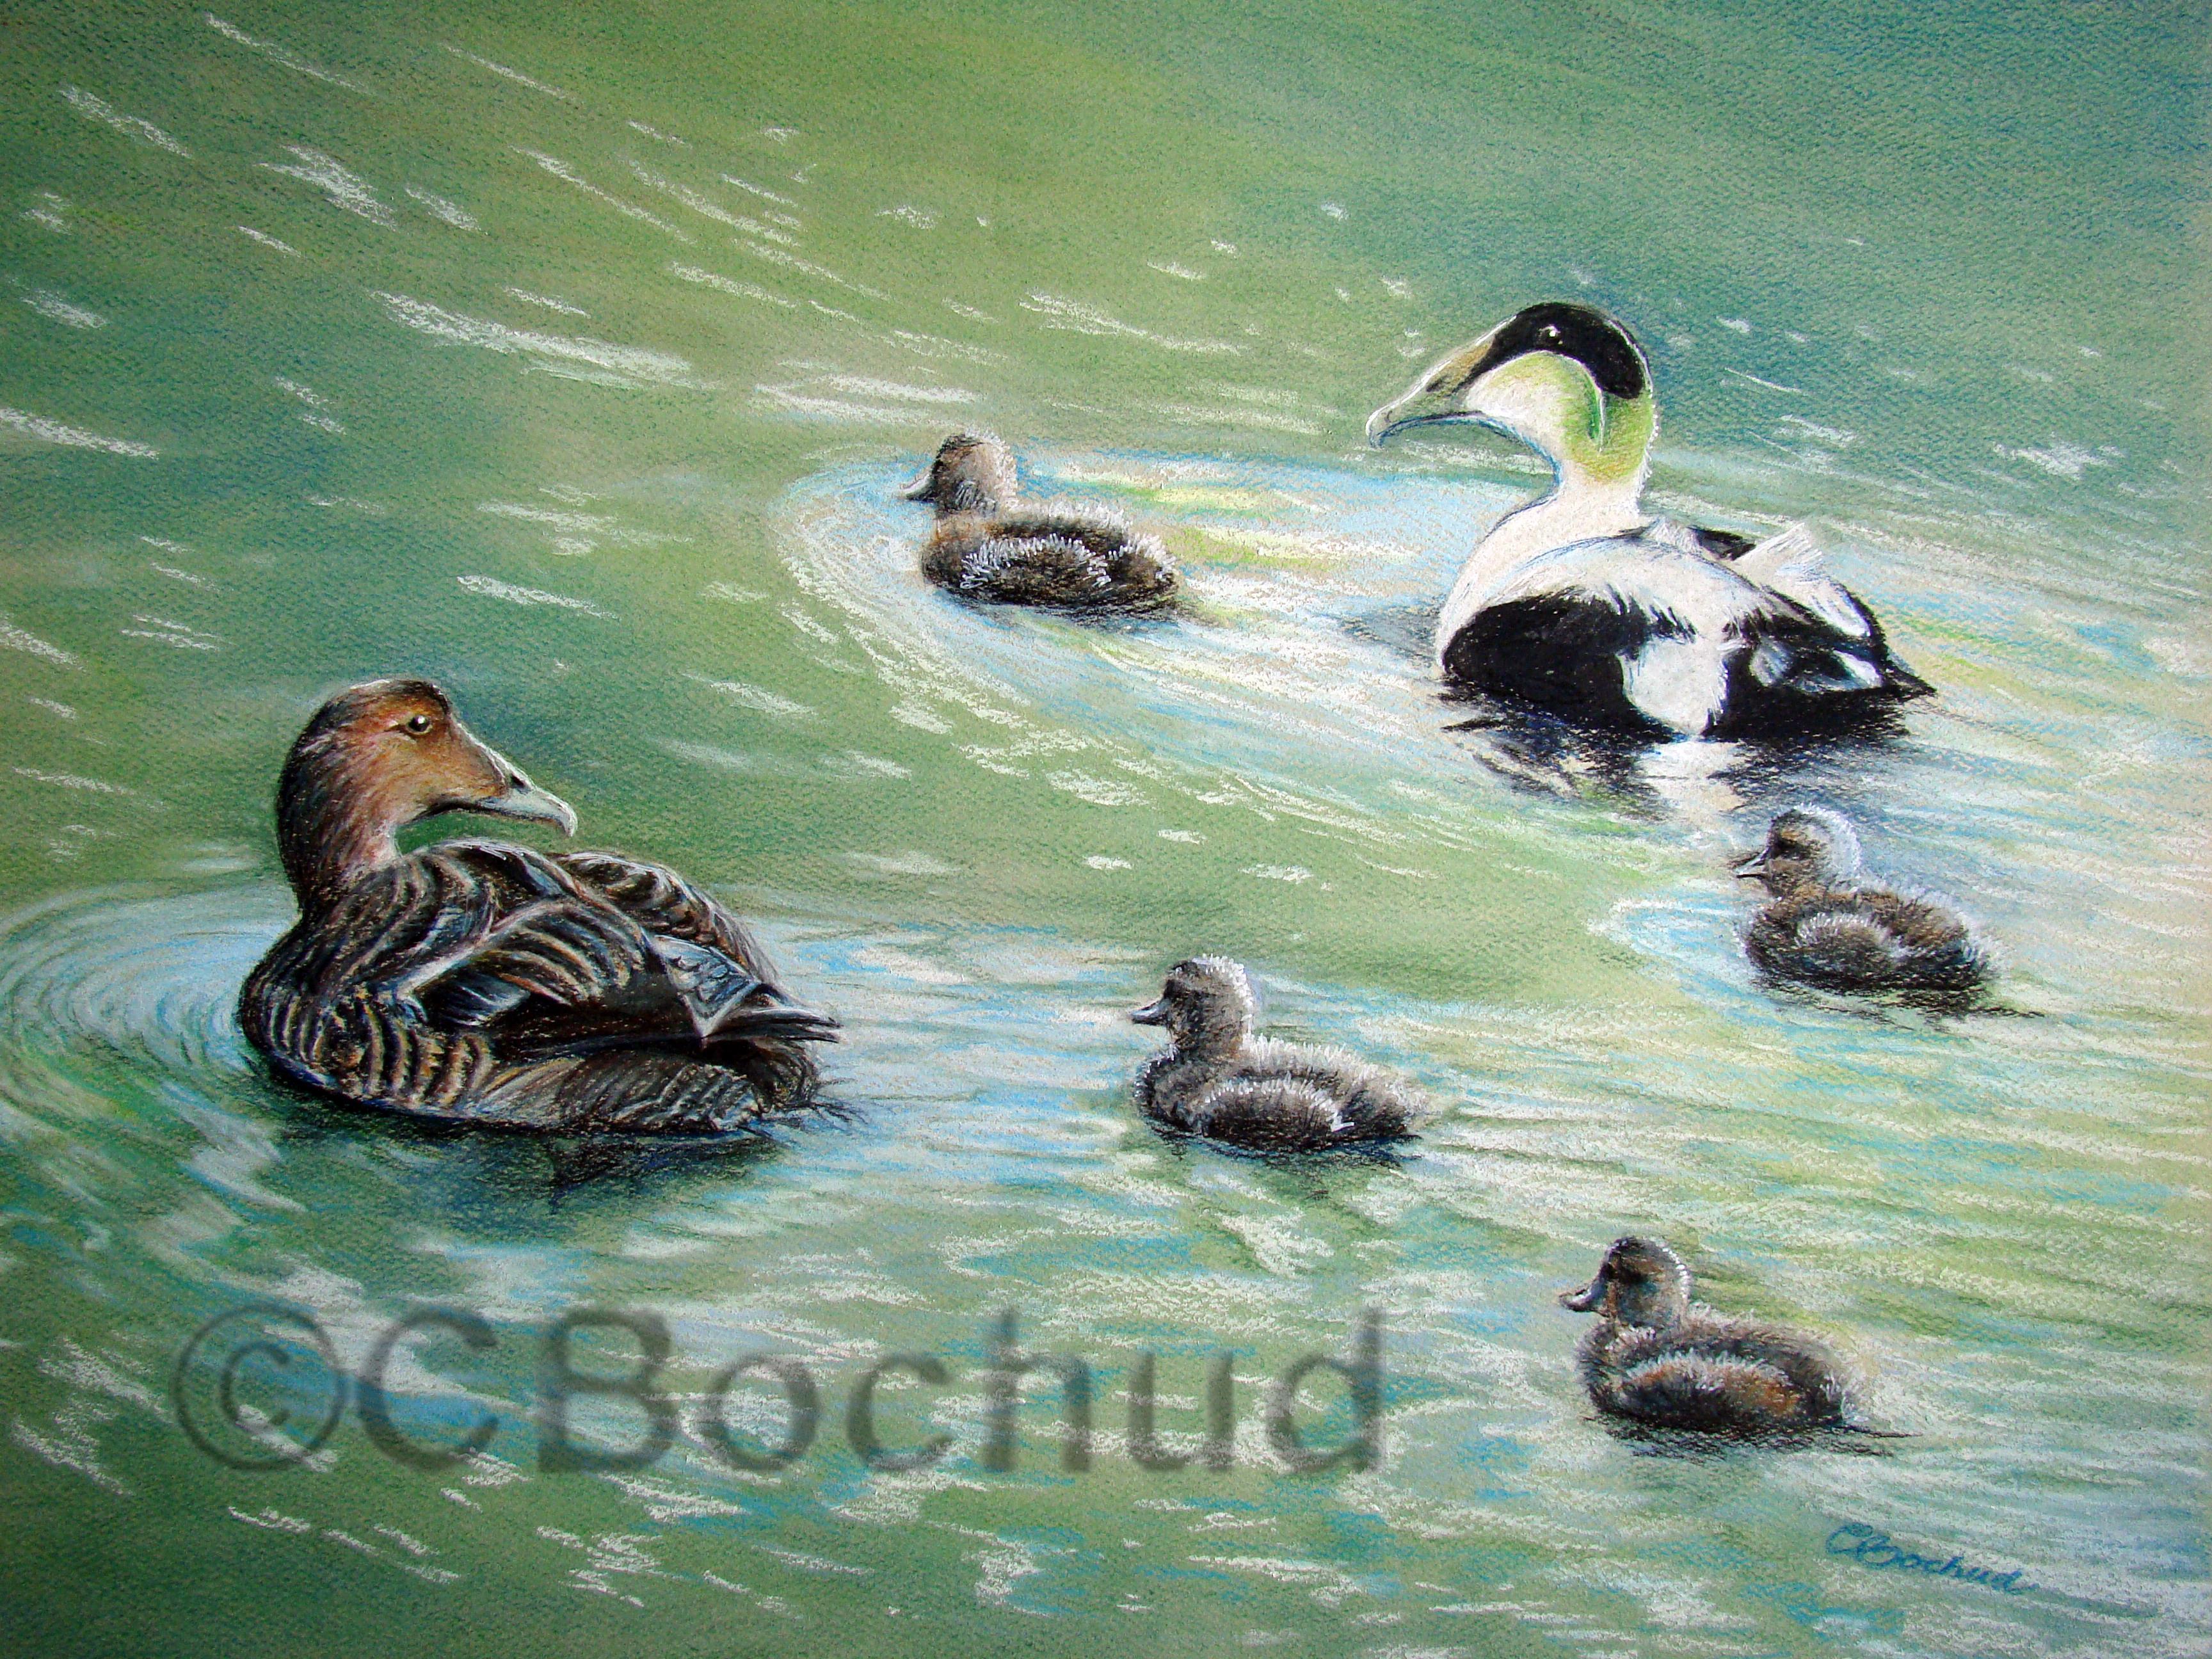 Eiders en famille- Eider duck family